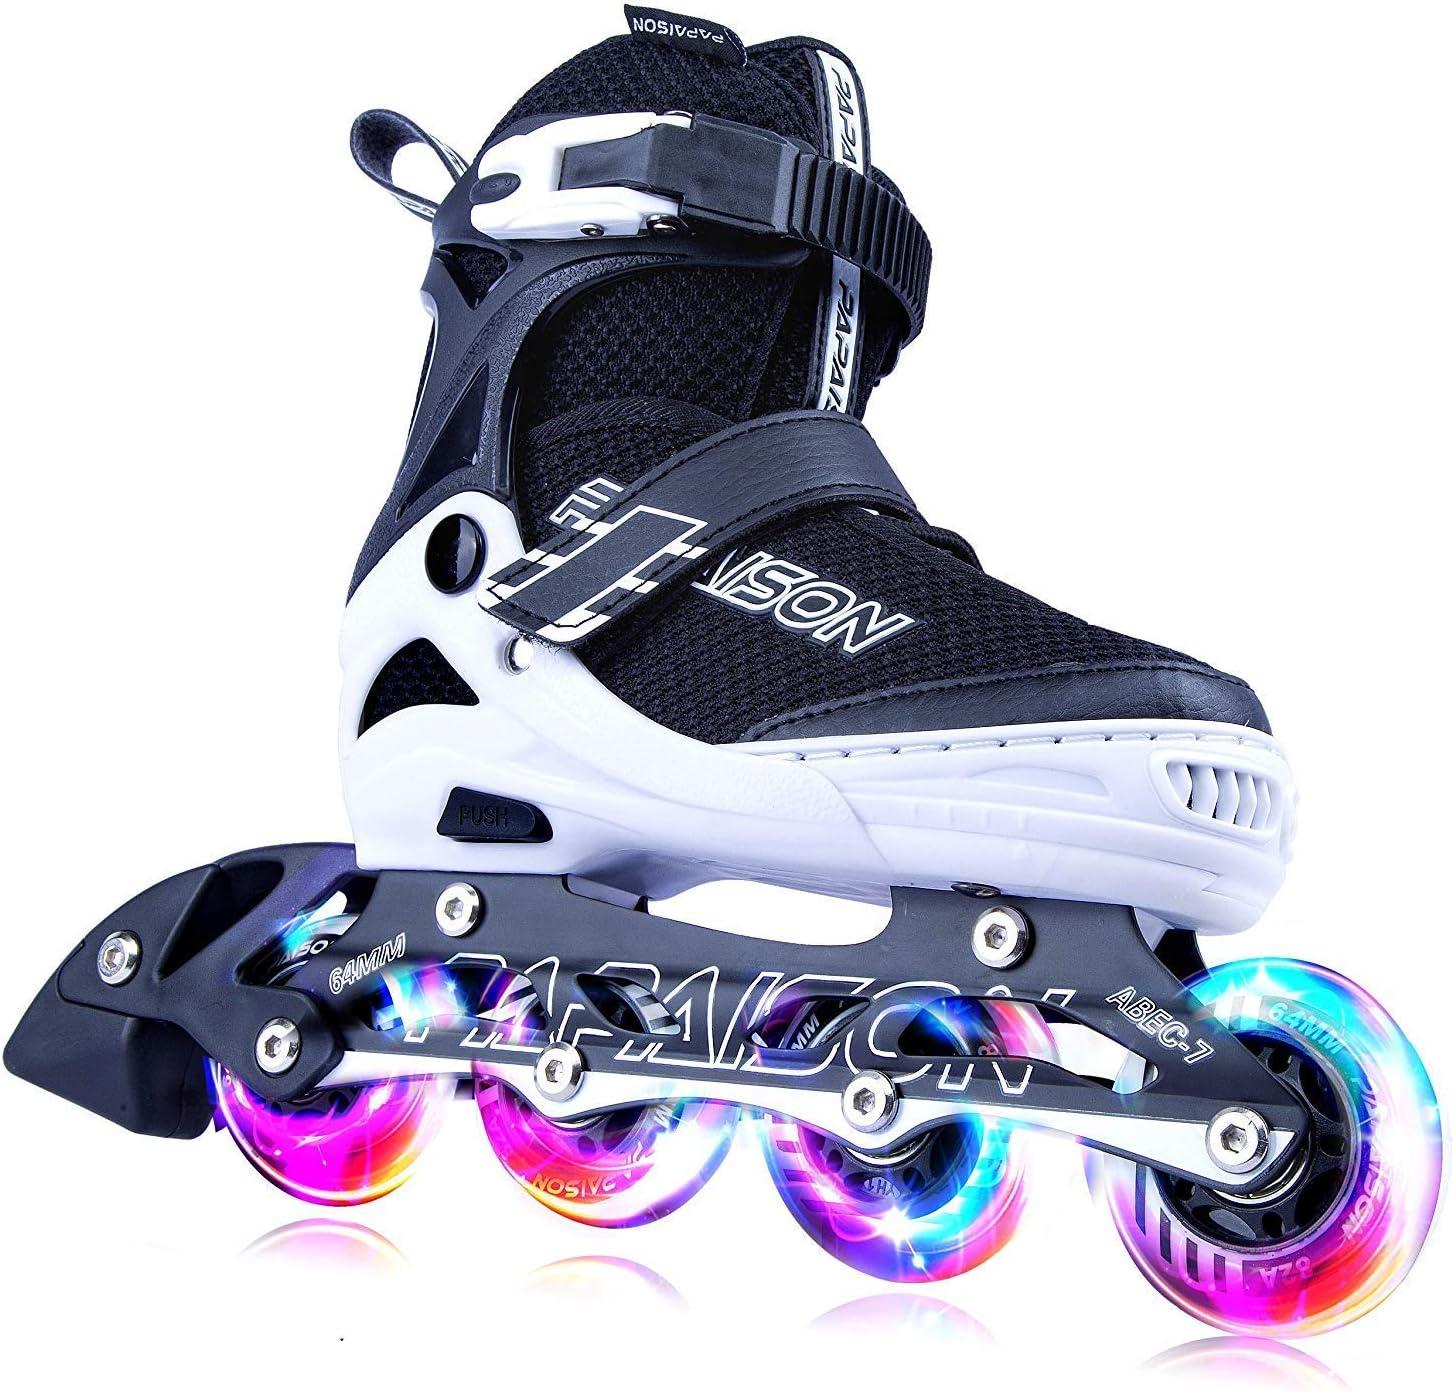 Papaison可调式单排溜冰鞋